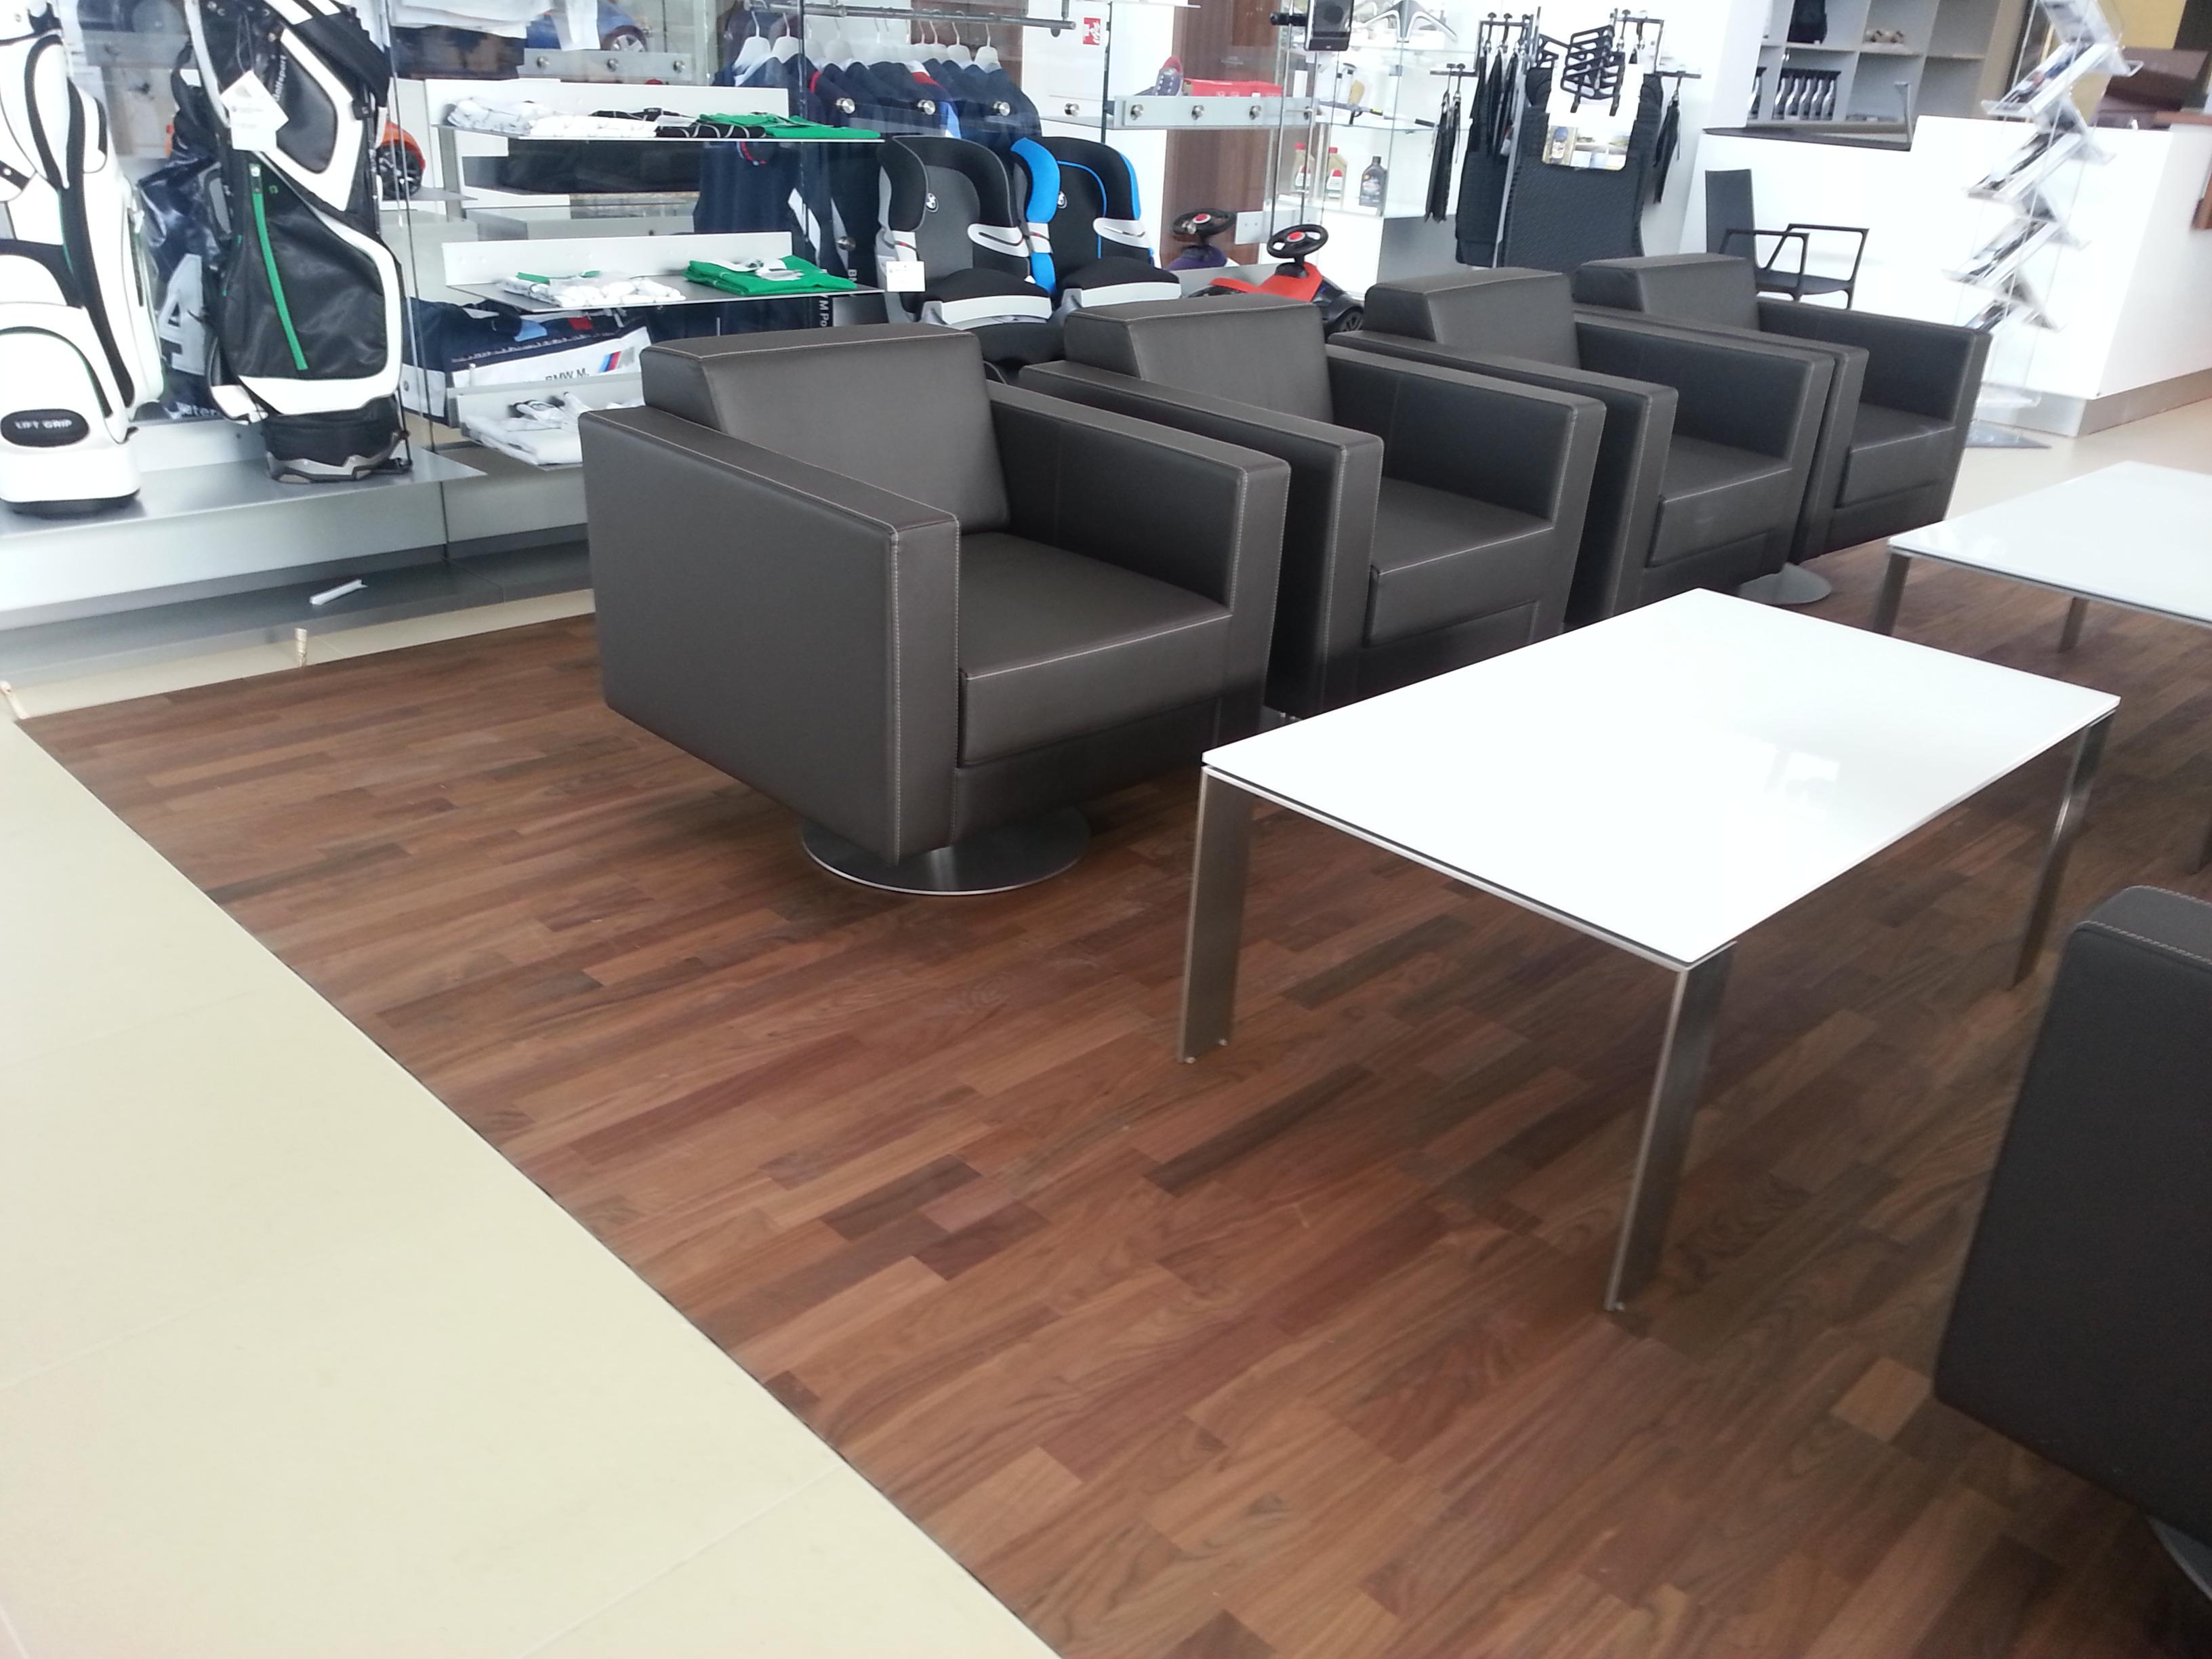 Třívrstvé dřevěné podlahy od prověřených výrobců